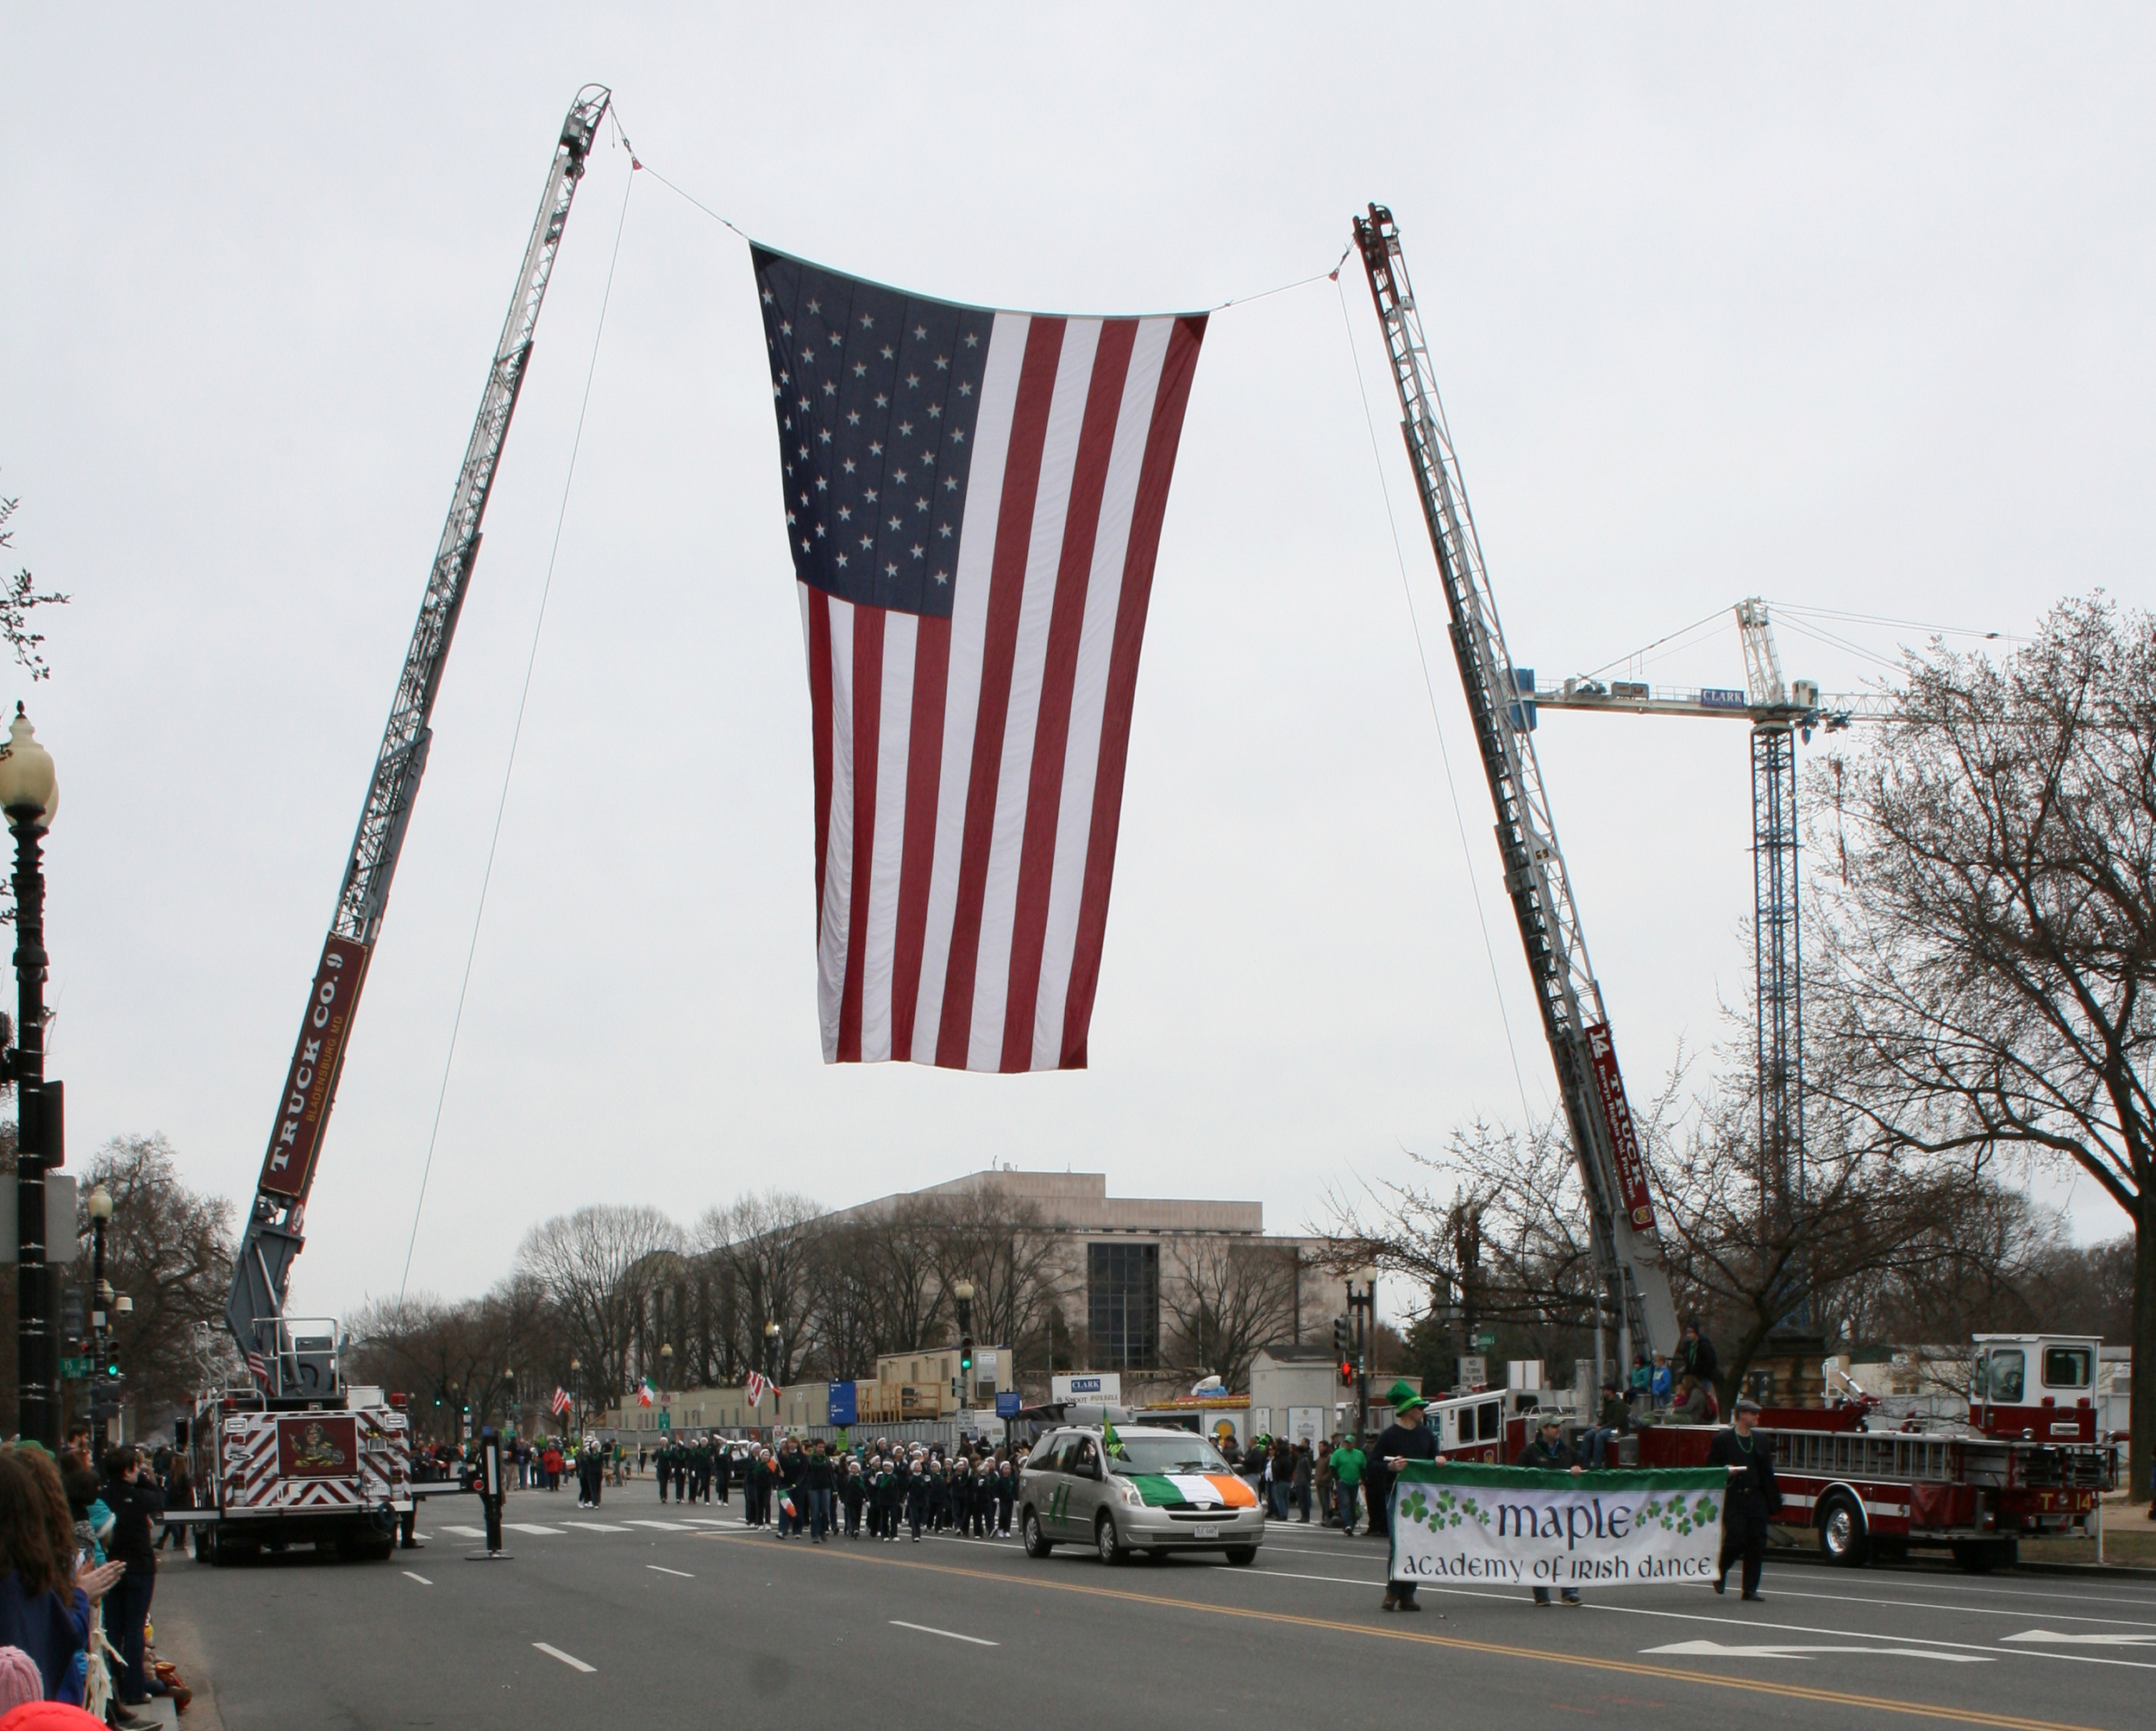 Washington DC St Patrick's Day parade 2014